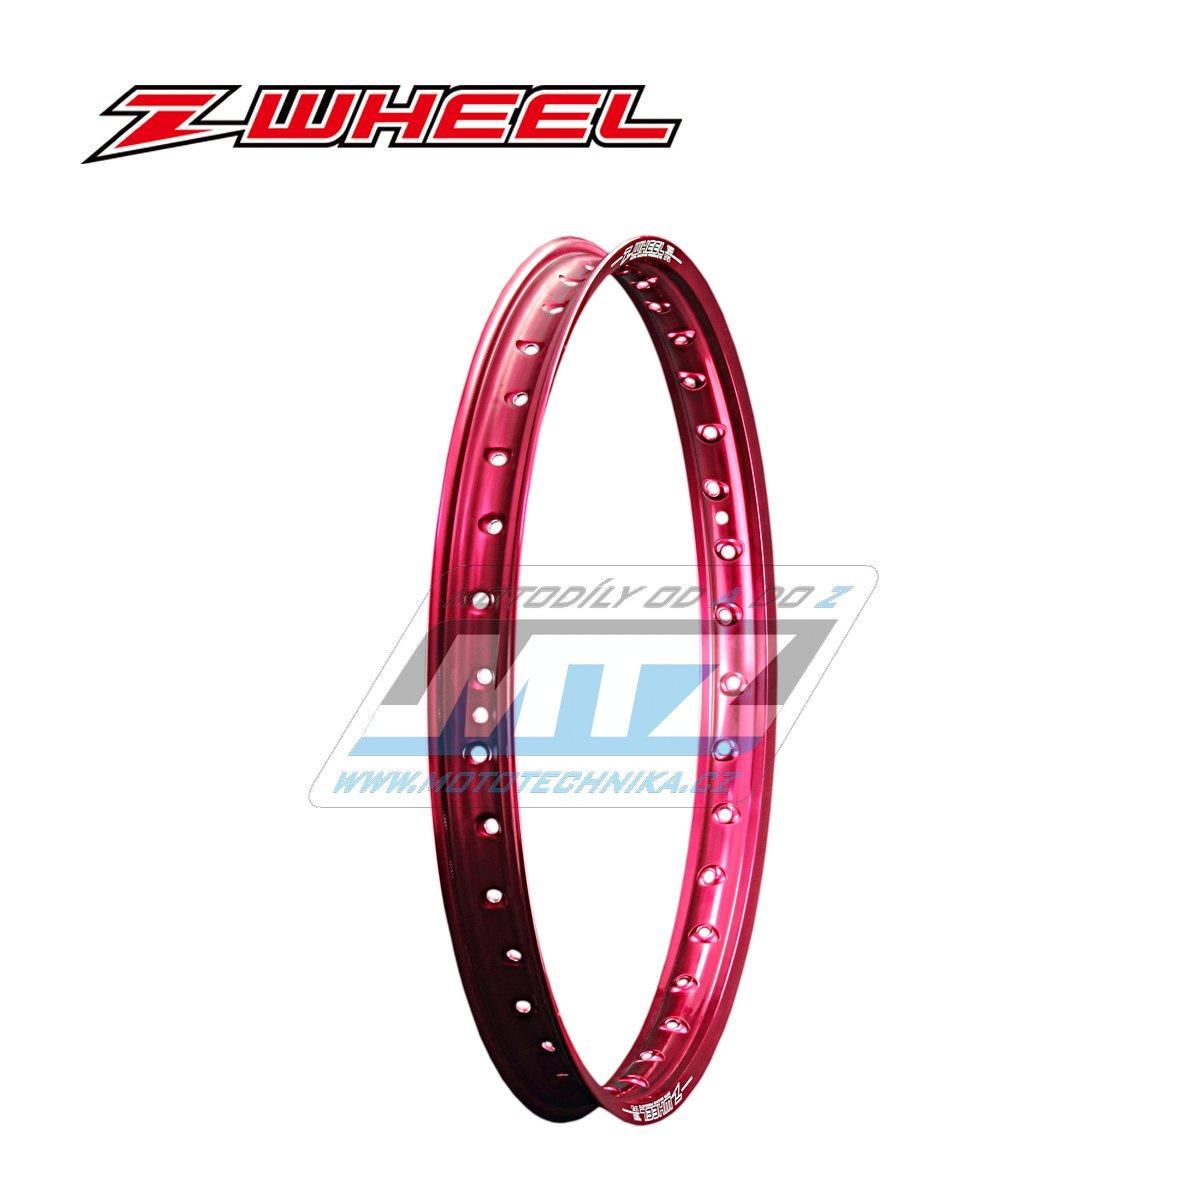 """Ráfek přední Zeta Z-WHEEL - rozměr 1,60x21"""" - 36H (předvrtaný 36otvorů) - červený"""